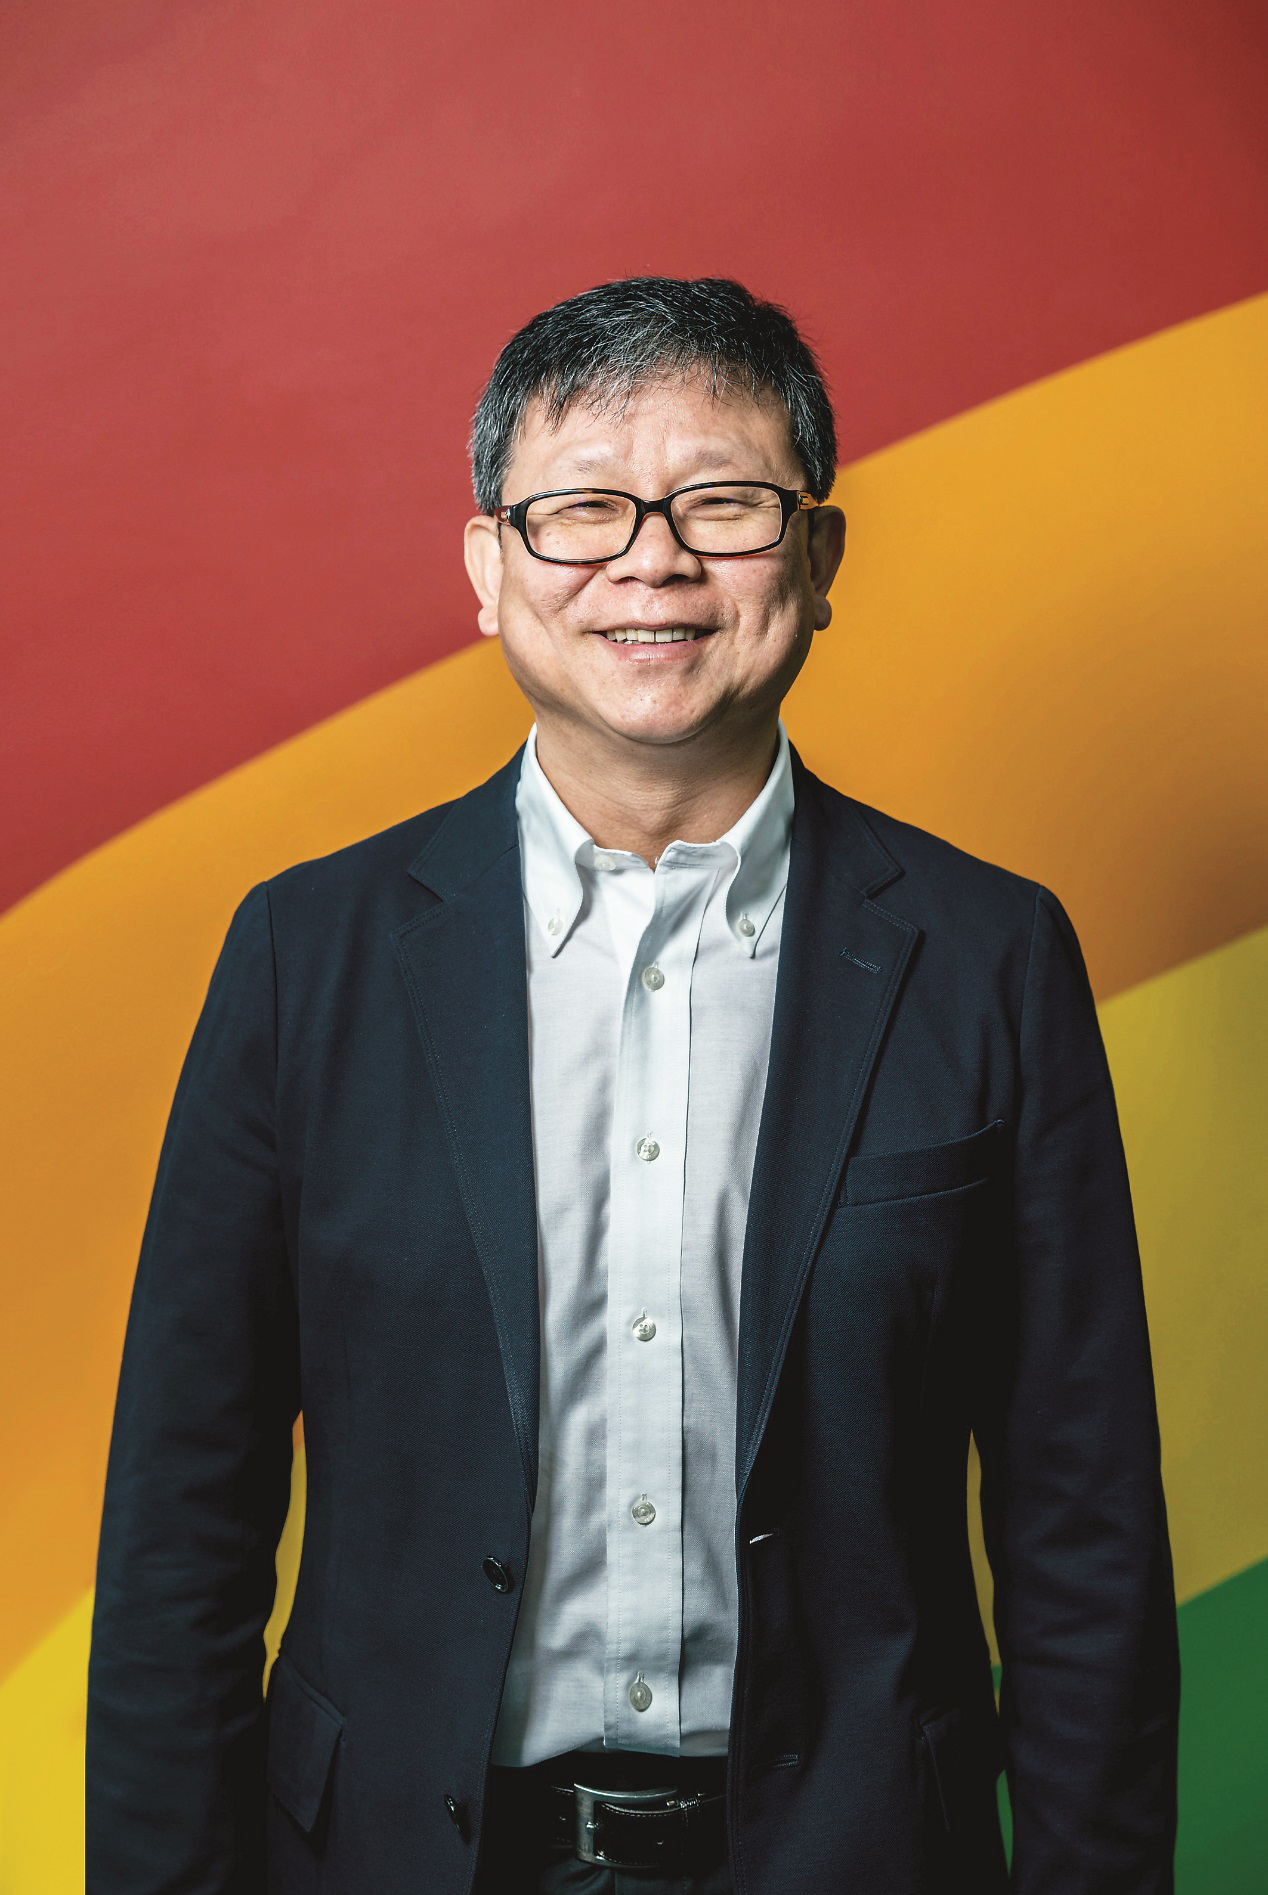 钟中林是立邦中国区总裁。立邦(NIPPON PAINT)是世界涂料制造商和服务商,隶属于新加坡立时集团,1992年进入中国市场。